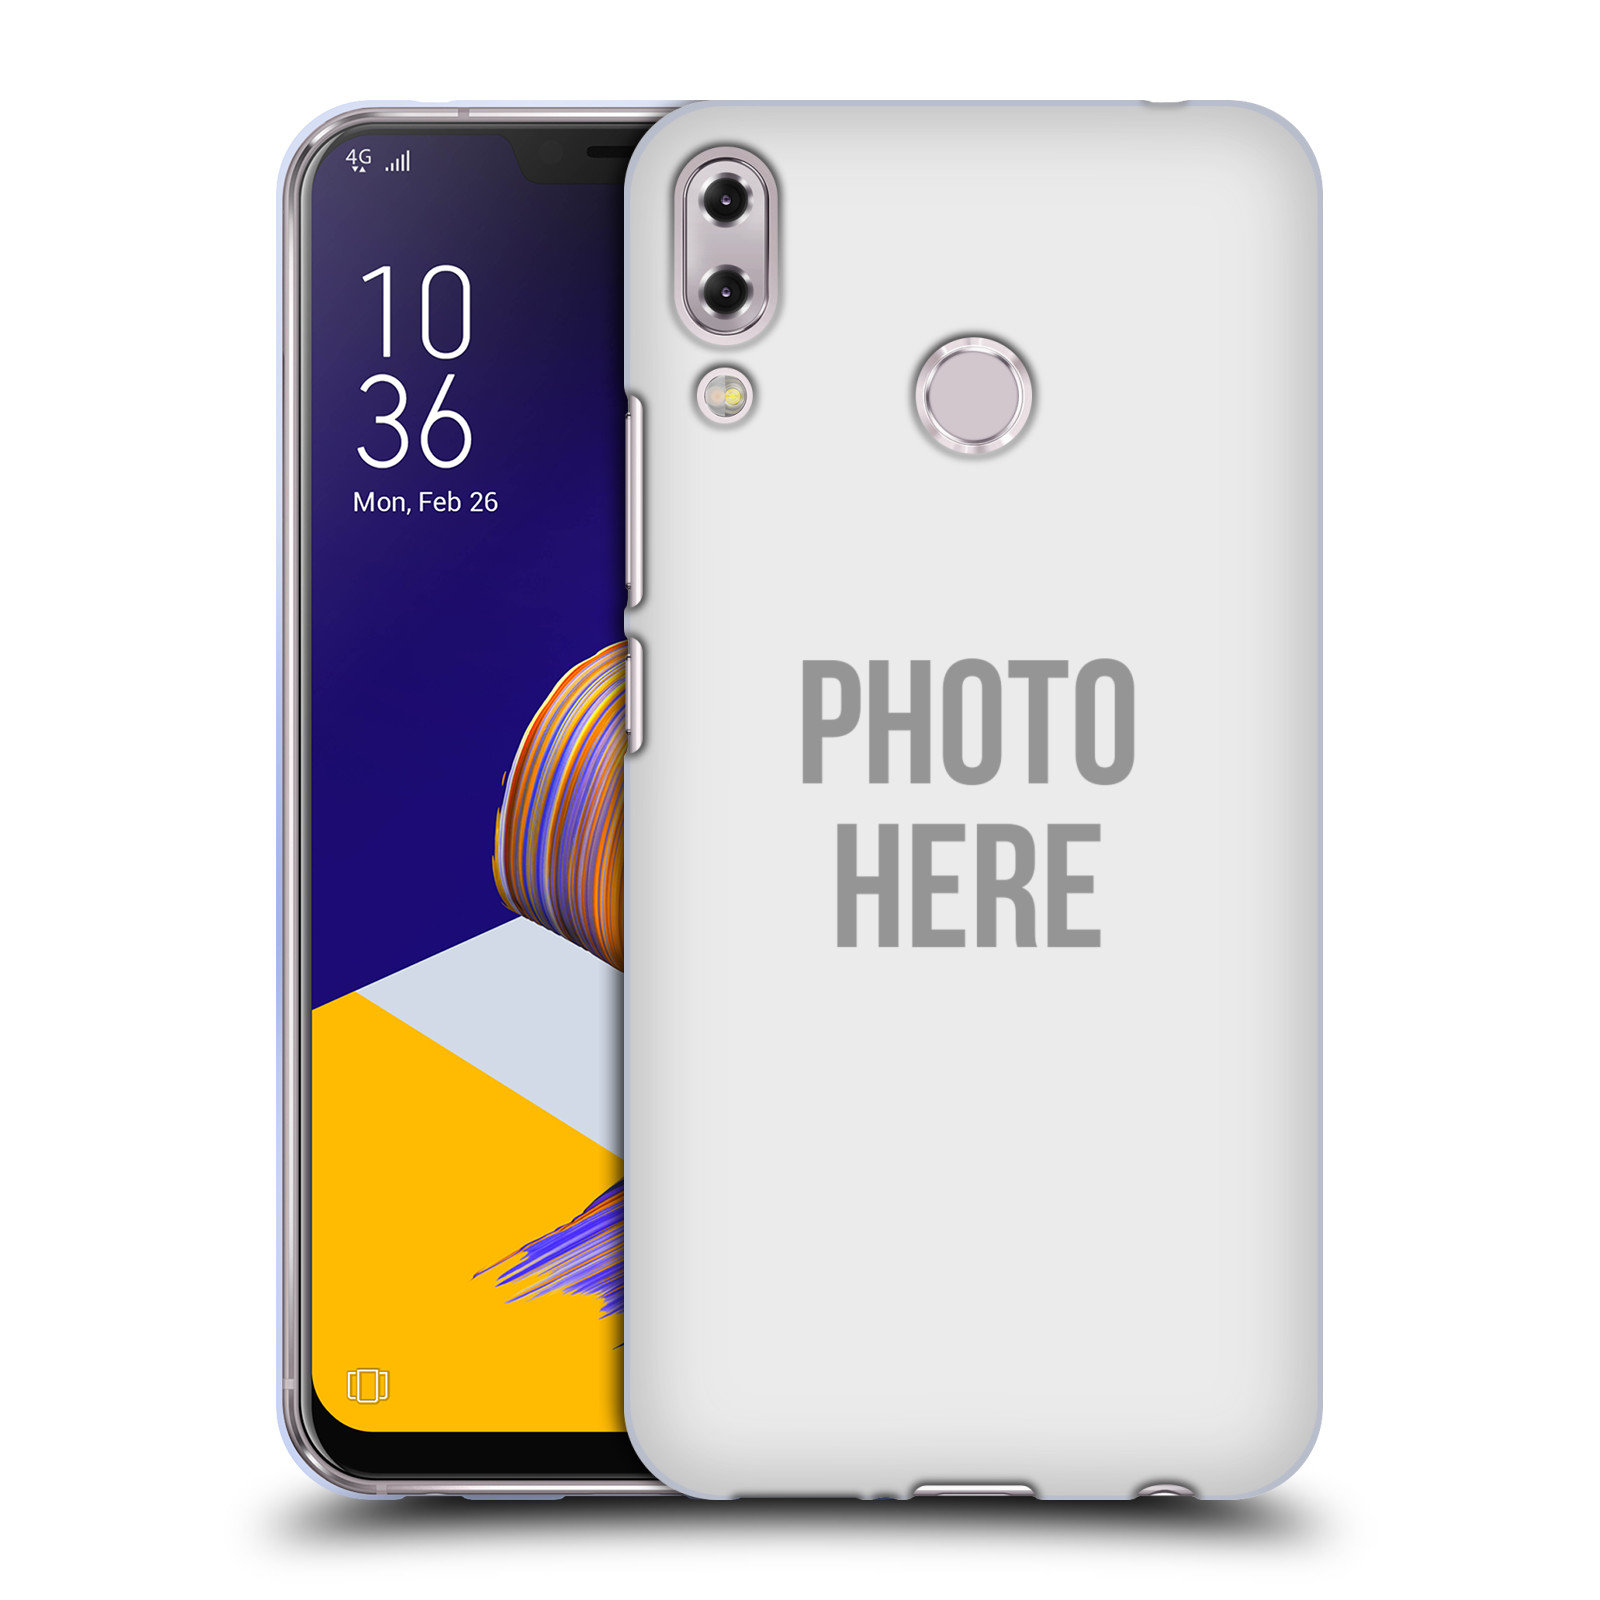 Silikonové pouzdro na mobil Asus Zenfone 5z ZS620KL - Head Case - s vlastním motivem